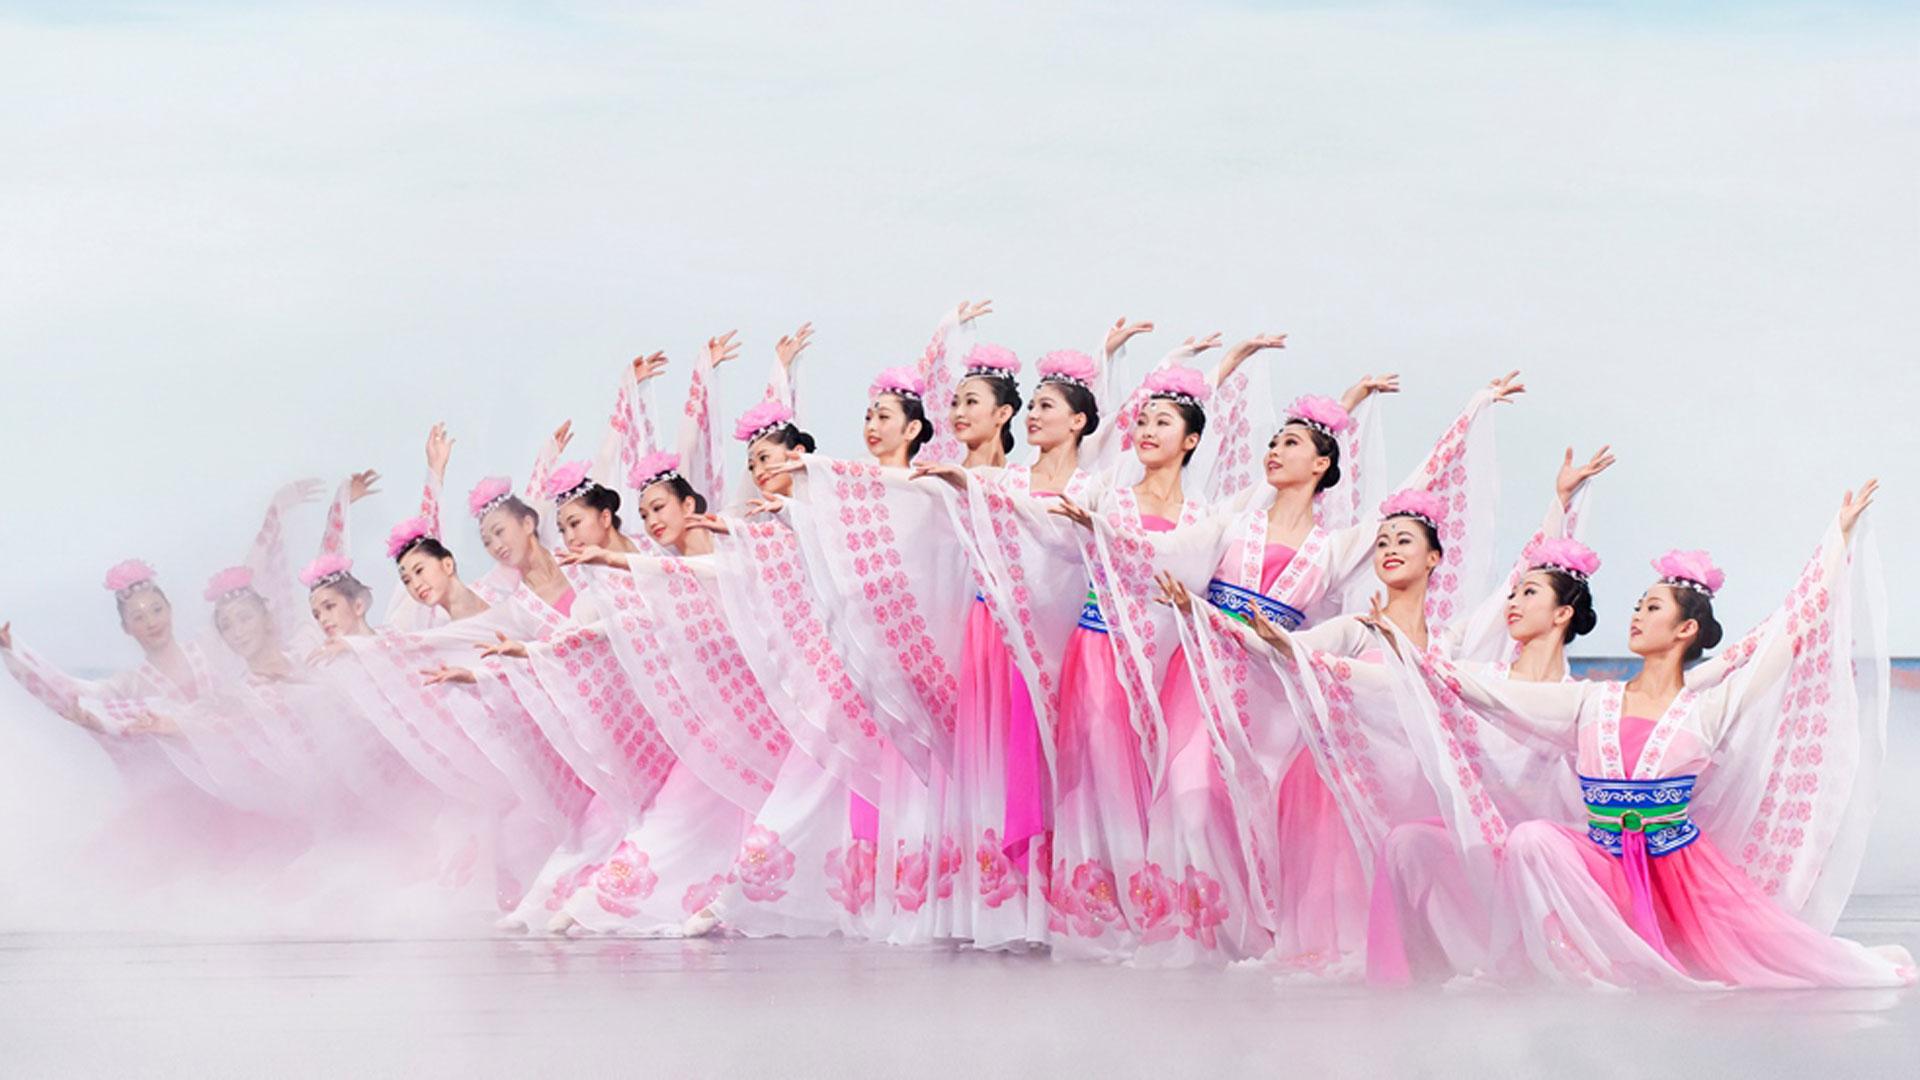 50 artistas en escena combinan danzas milenarias con la última tecnología digital.